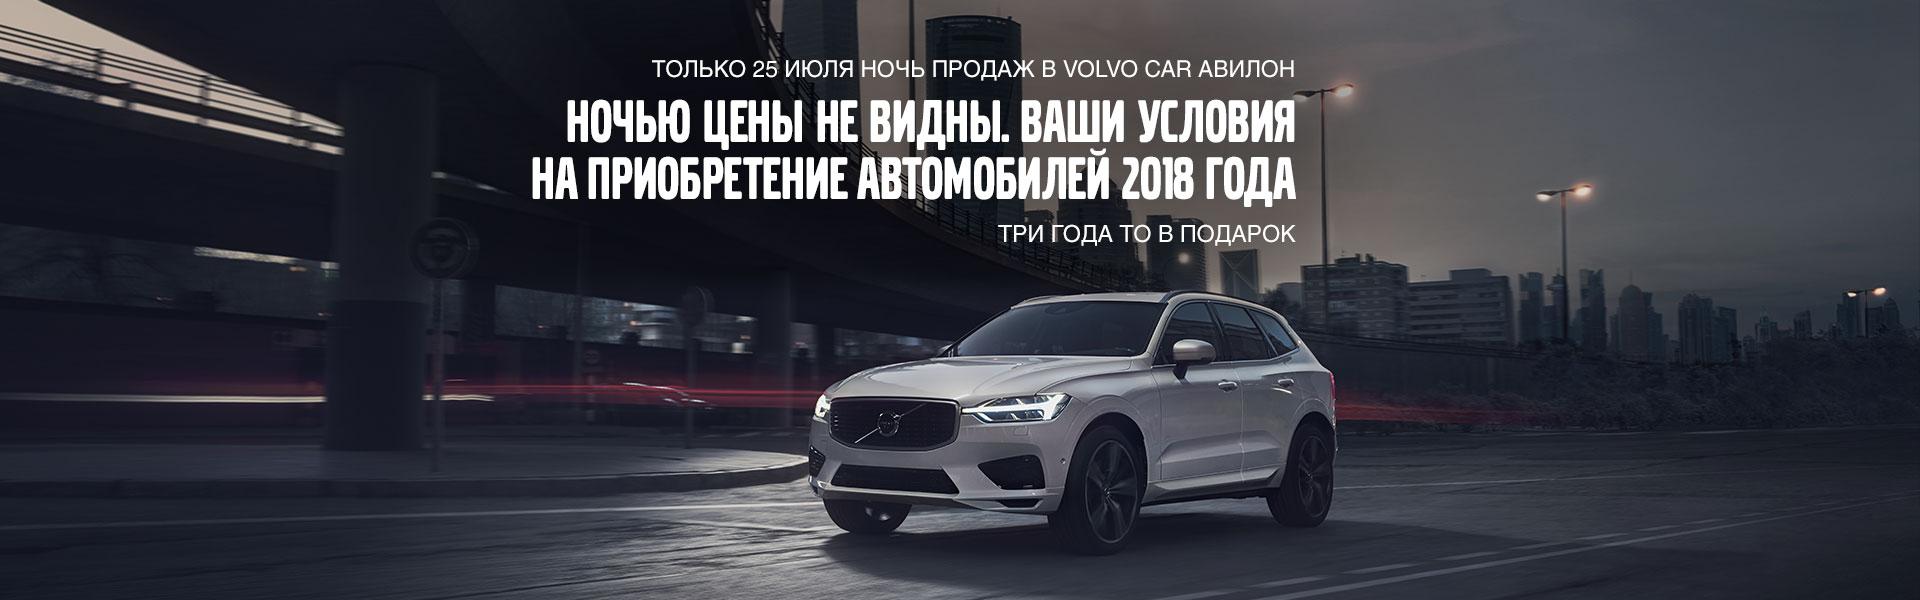 848a4c42d35e9 Volvo   АВИЛОН – официальный дилер Вольво в Москве: купить Volvo 2018-2019